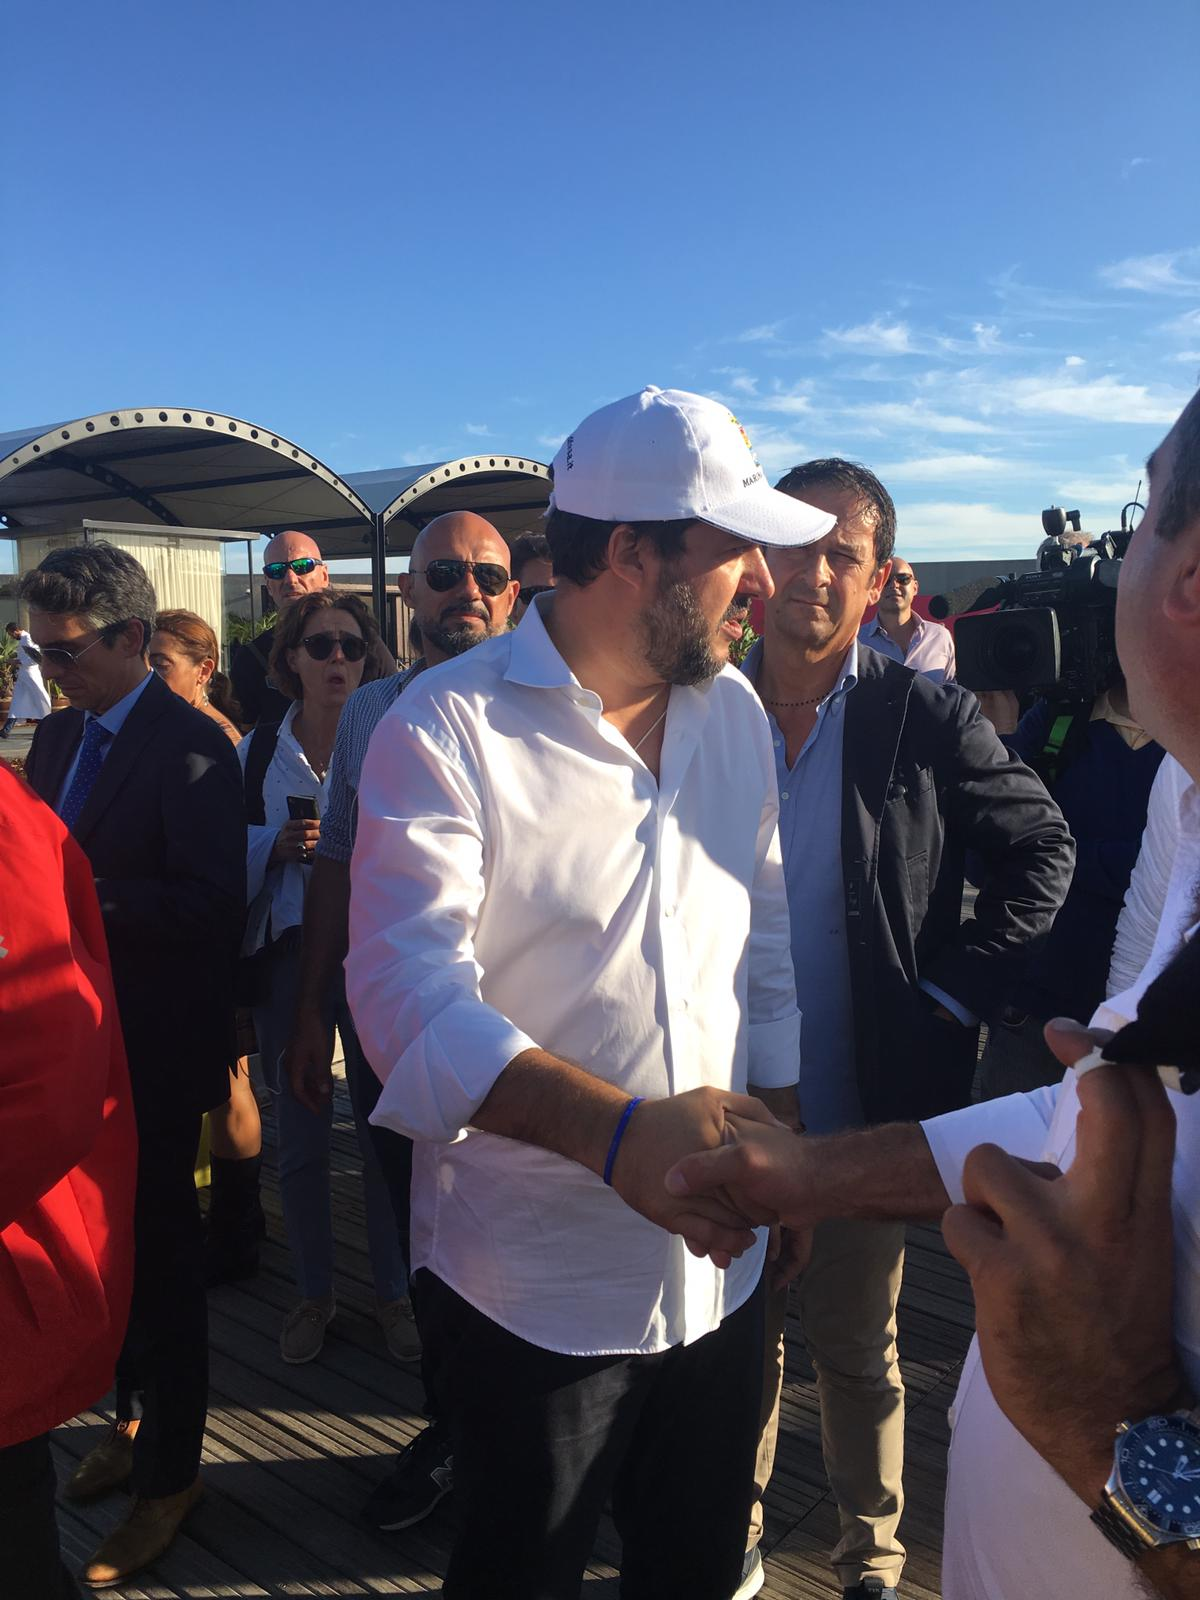 Matteo Salvini visita Salone nautico Genova 2019 Fotoflashteam reporter